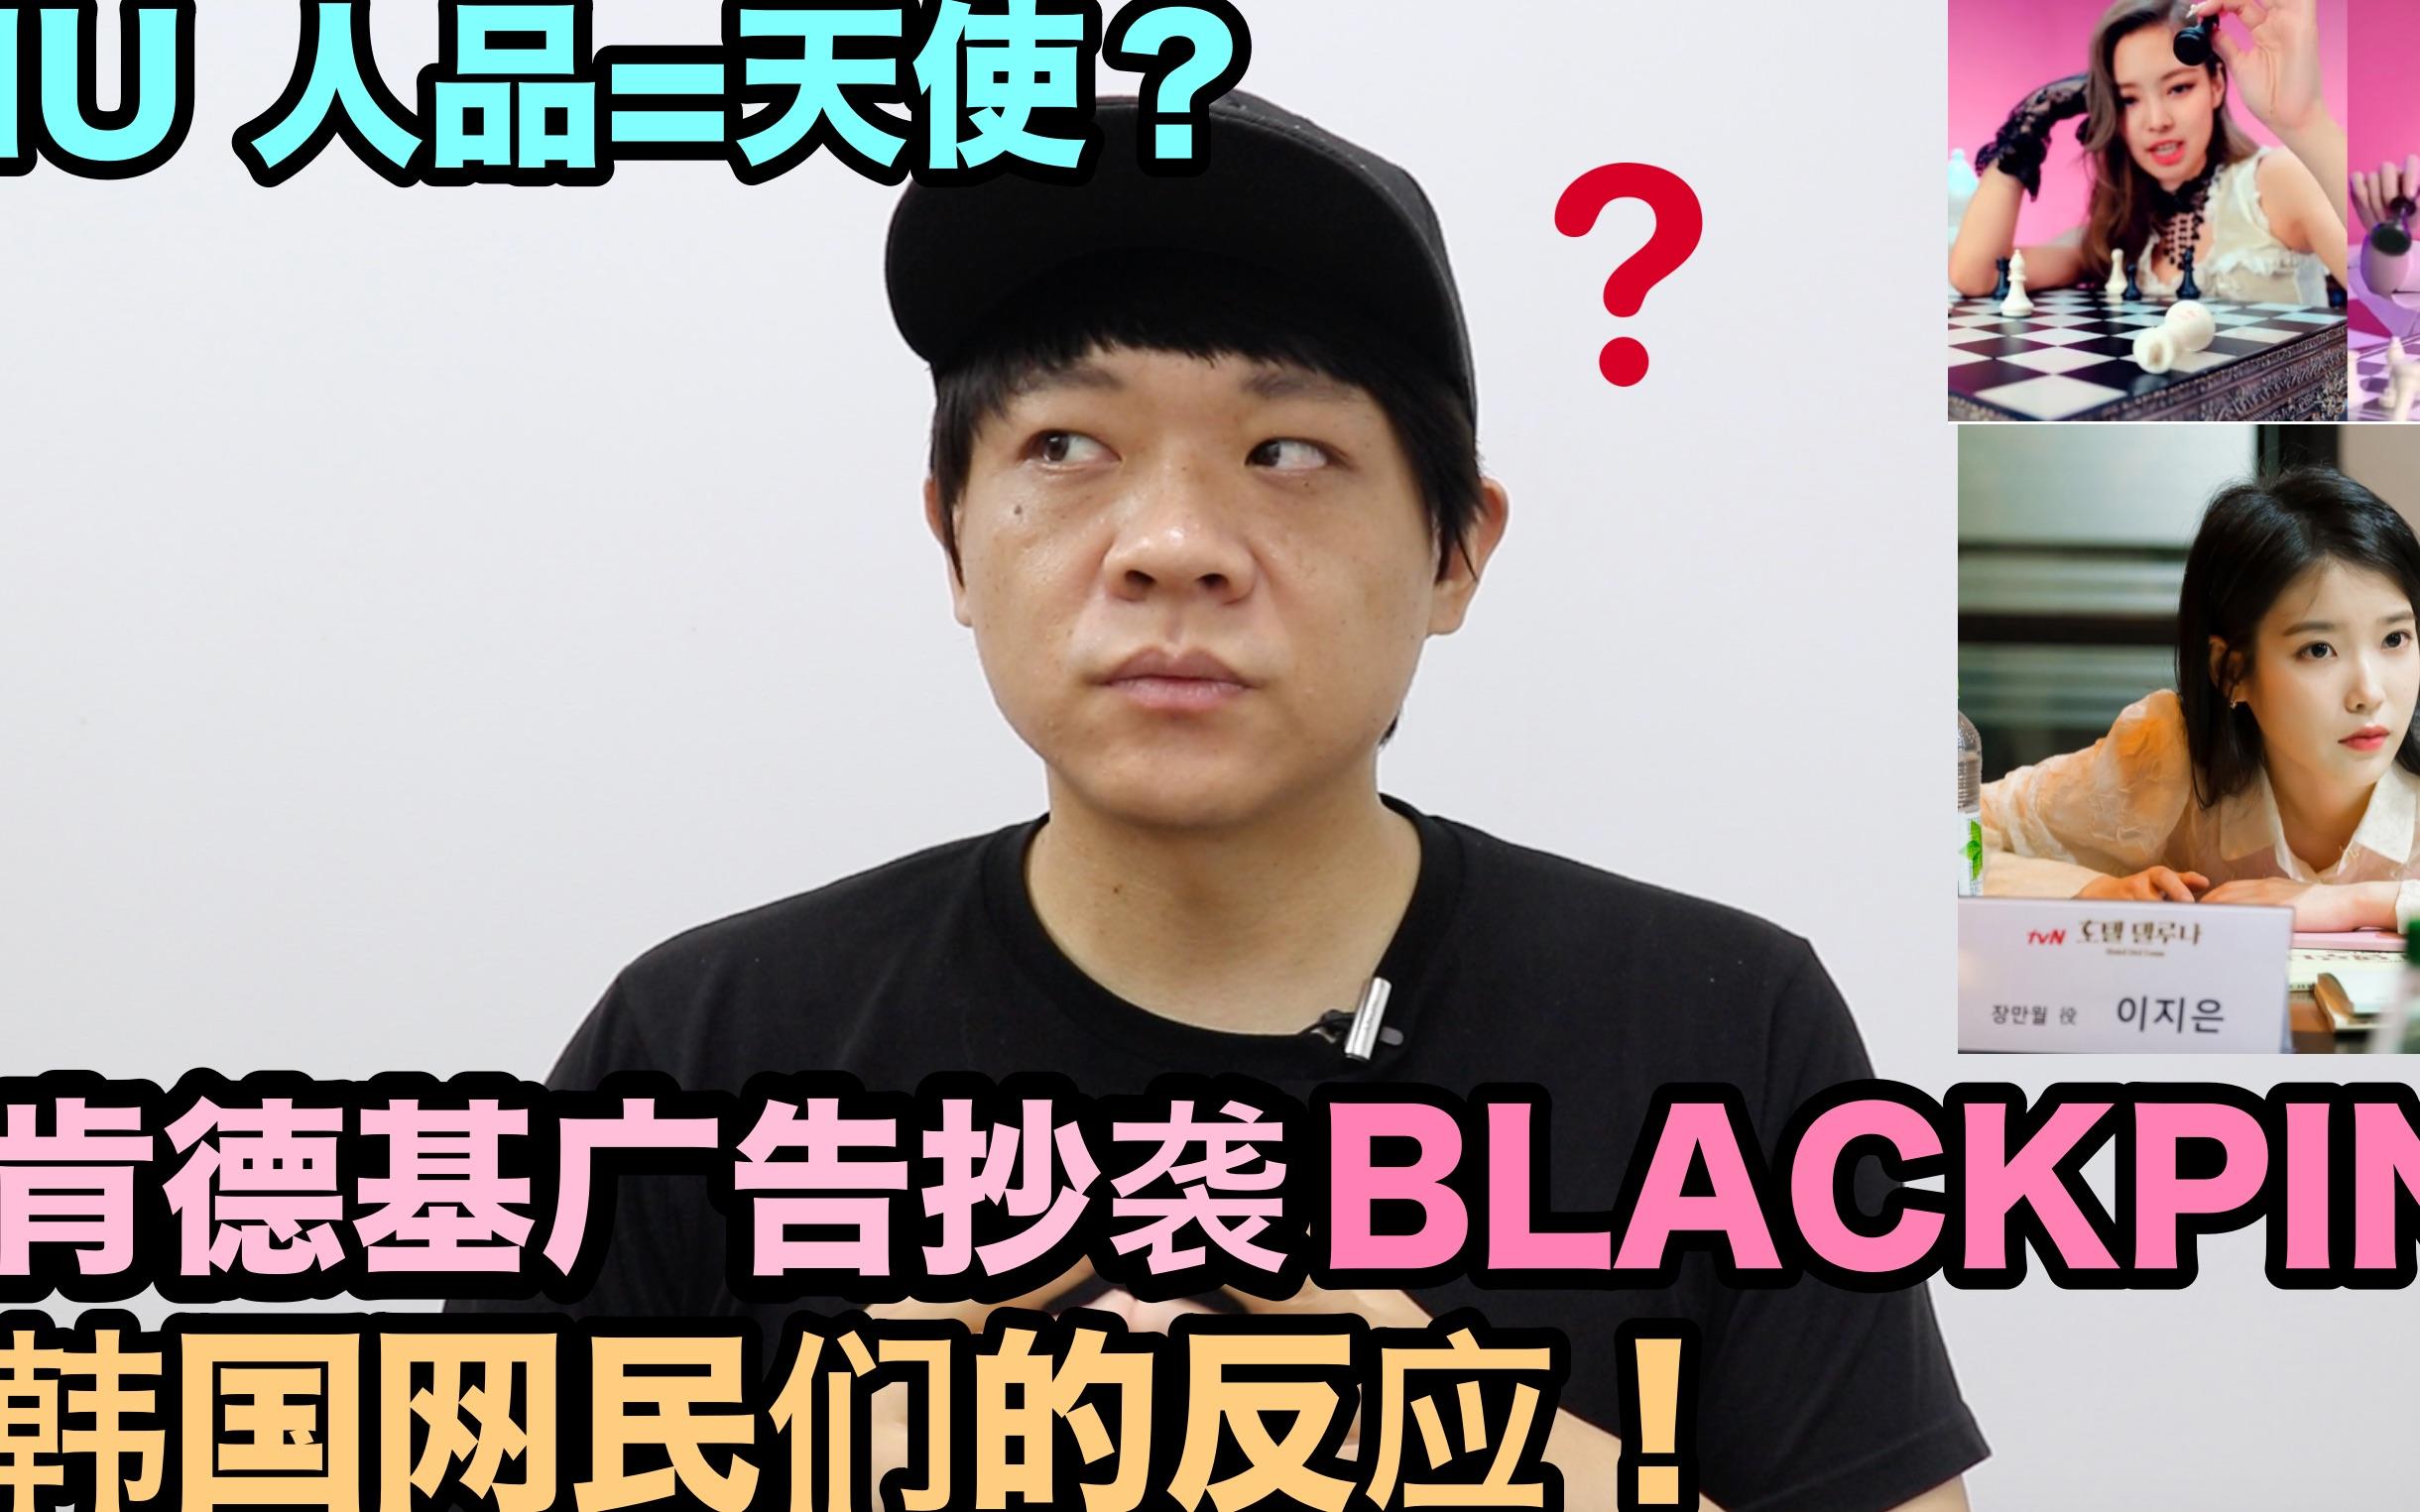 肯德基广告抄袭 BLACKPINK的MV? / IU人品=天使? | DenQ